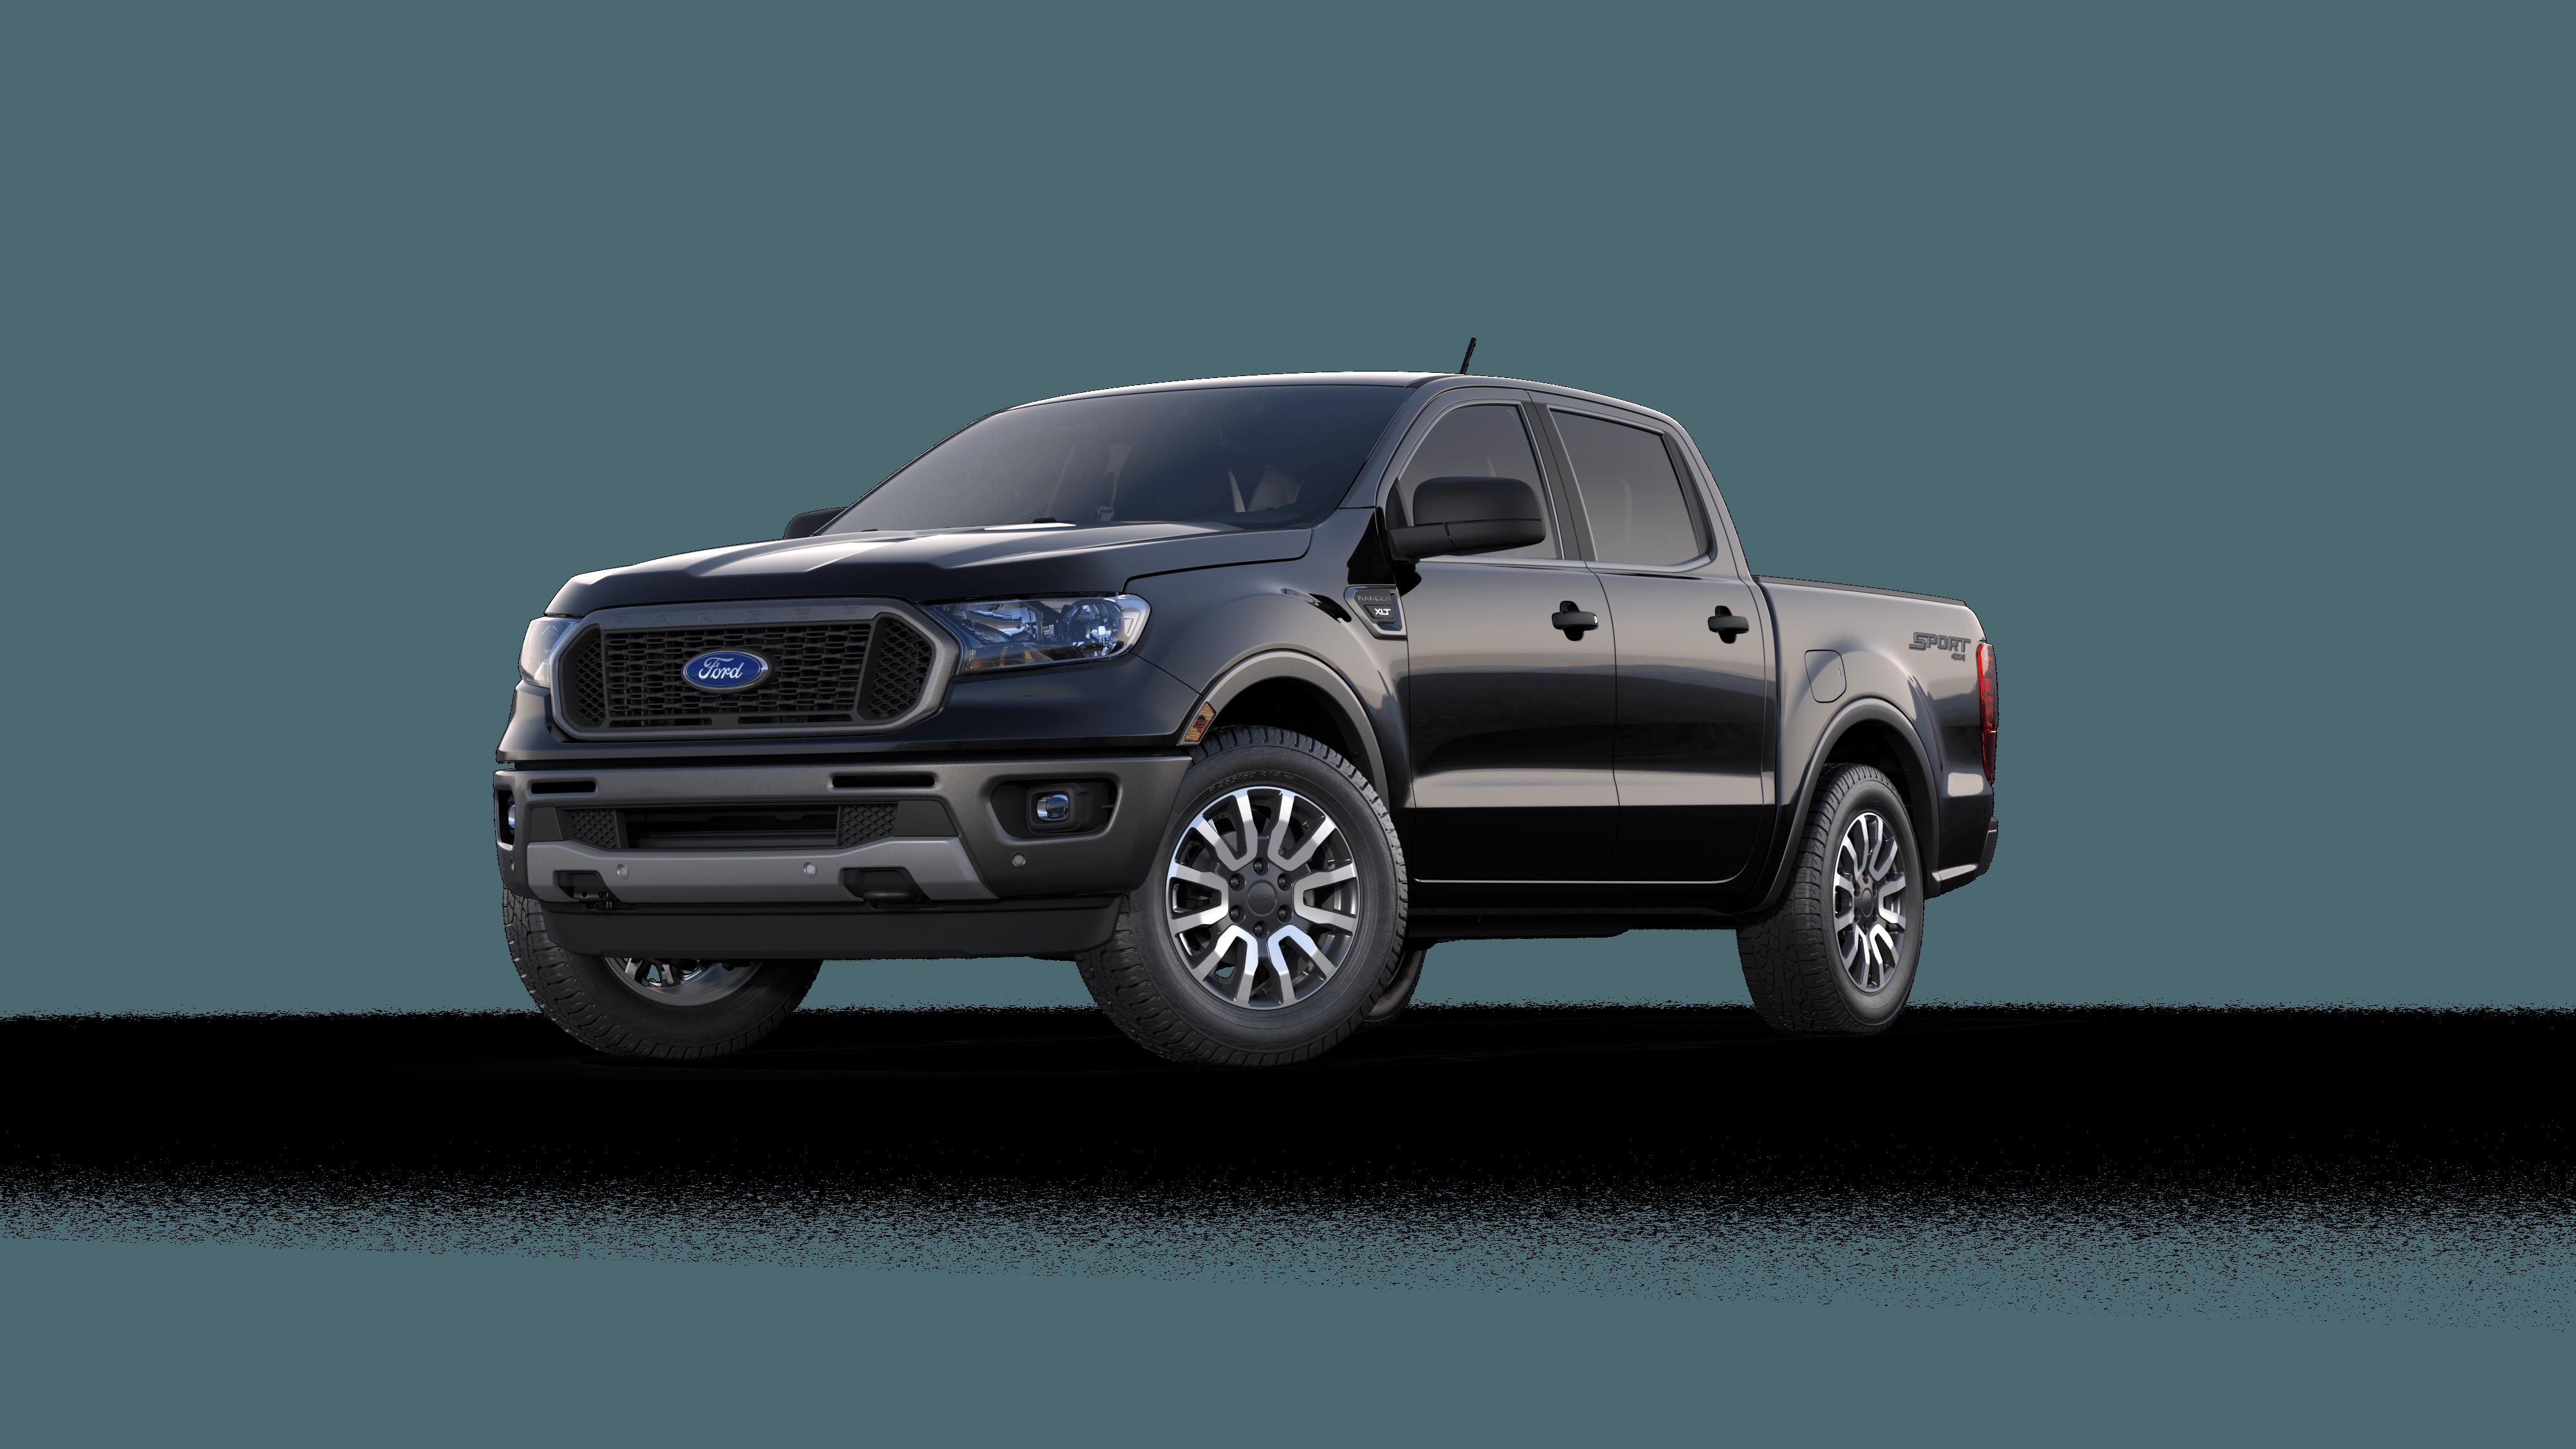 2019 Ford Ranger for sale in Elmira - 1FTER4FHXKLA03084 ...